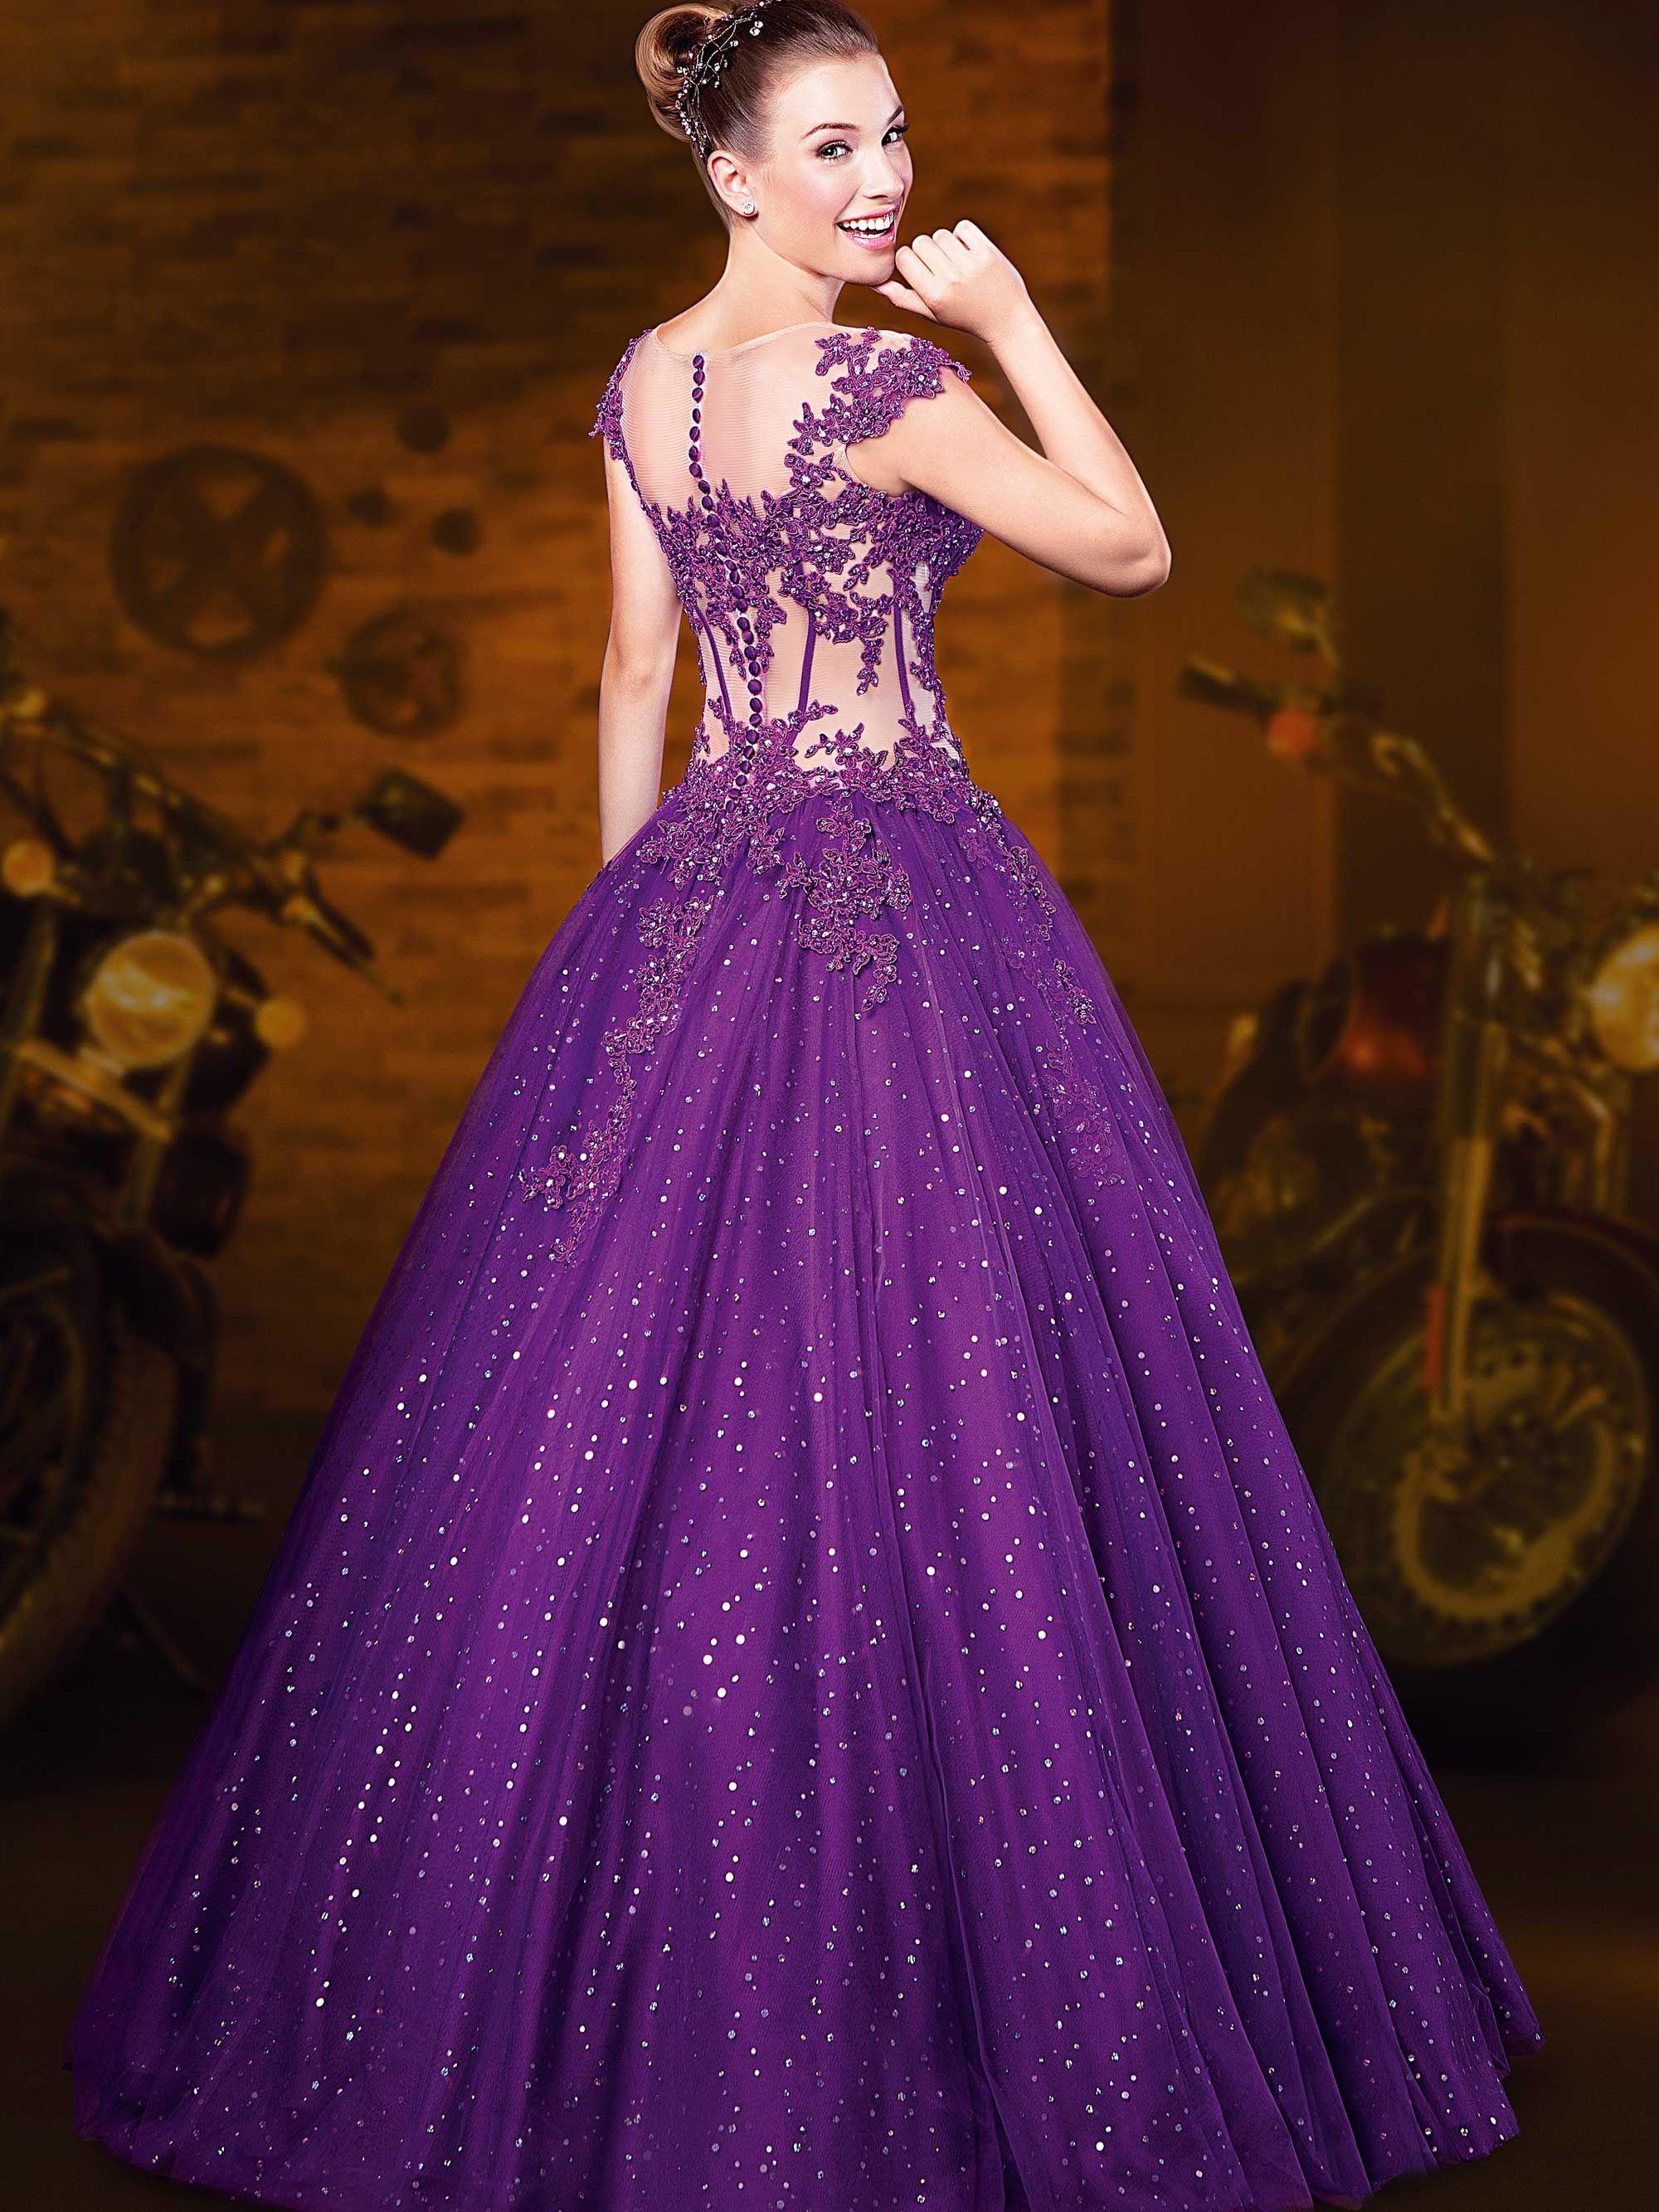 Vestido com brilhos e pedraria – Vestidos de 15 Anos